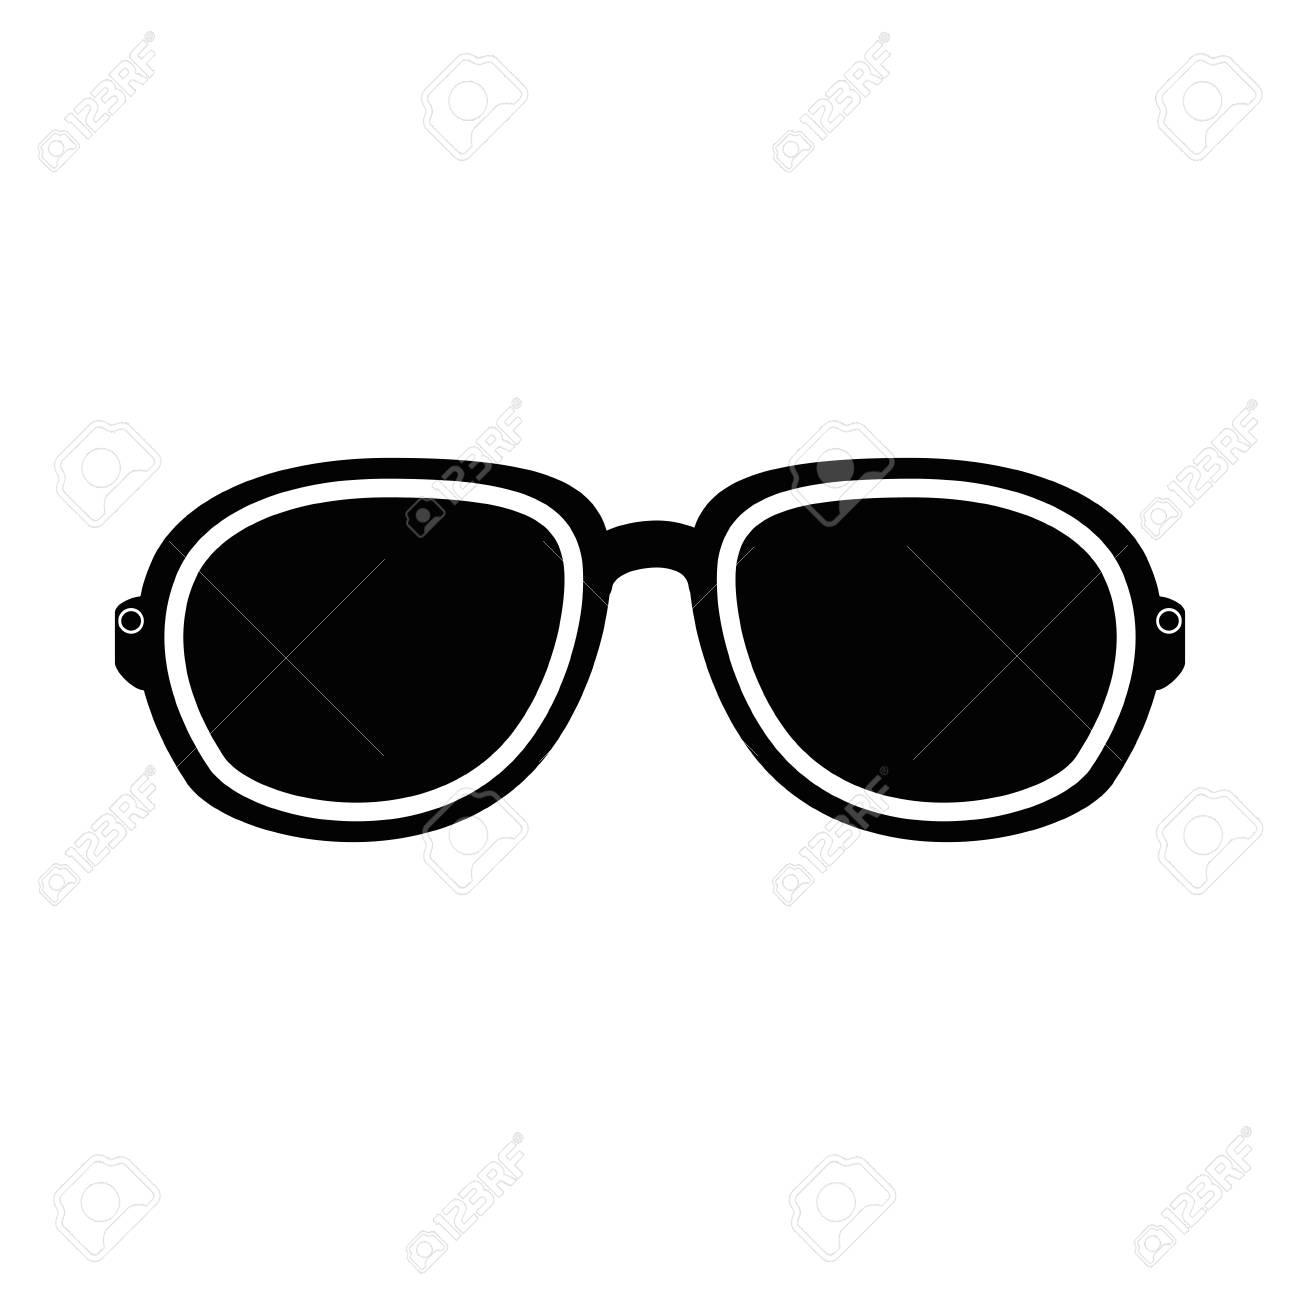 Sole Occhiali Sfondo Bianco Da Su Vettoriale Illustrazione Icona